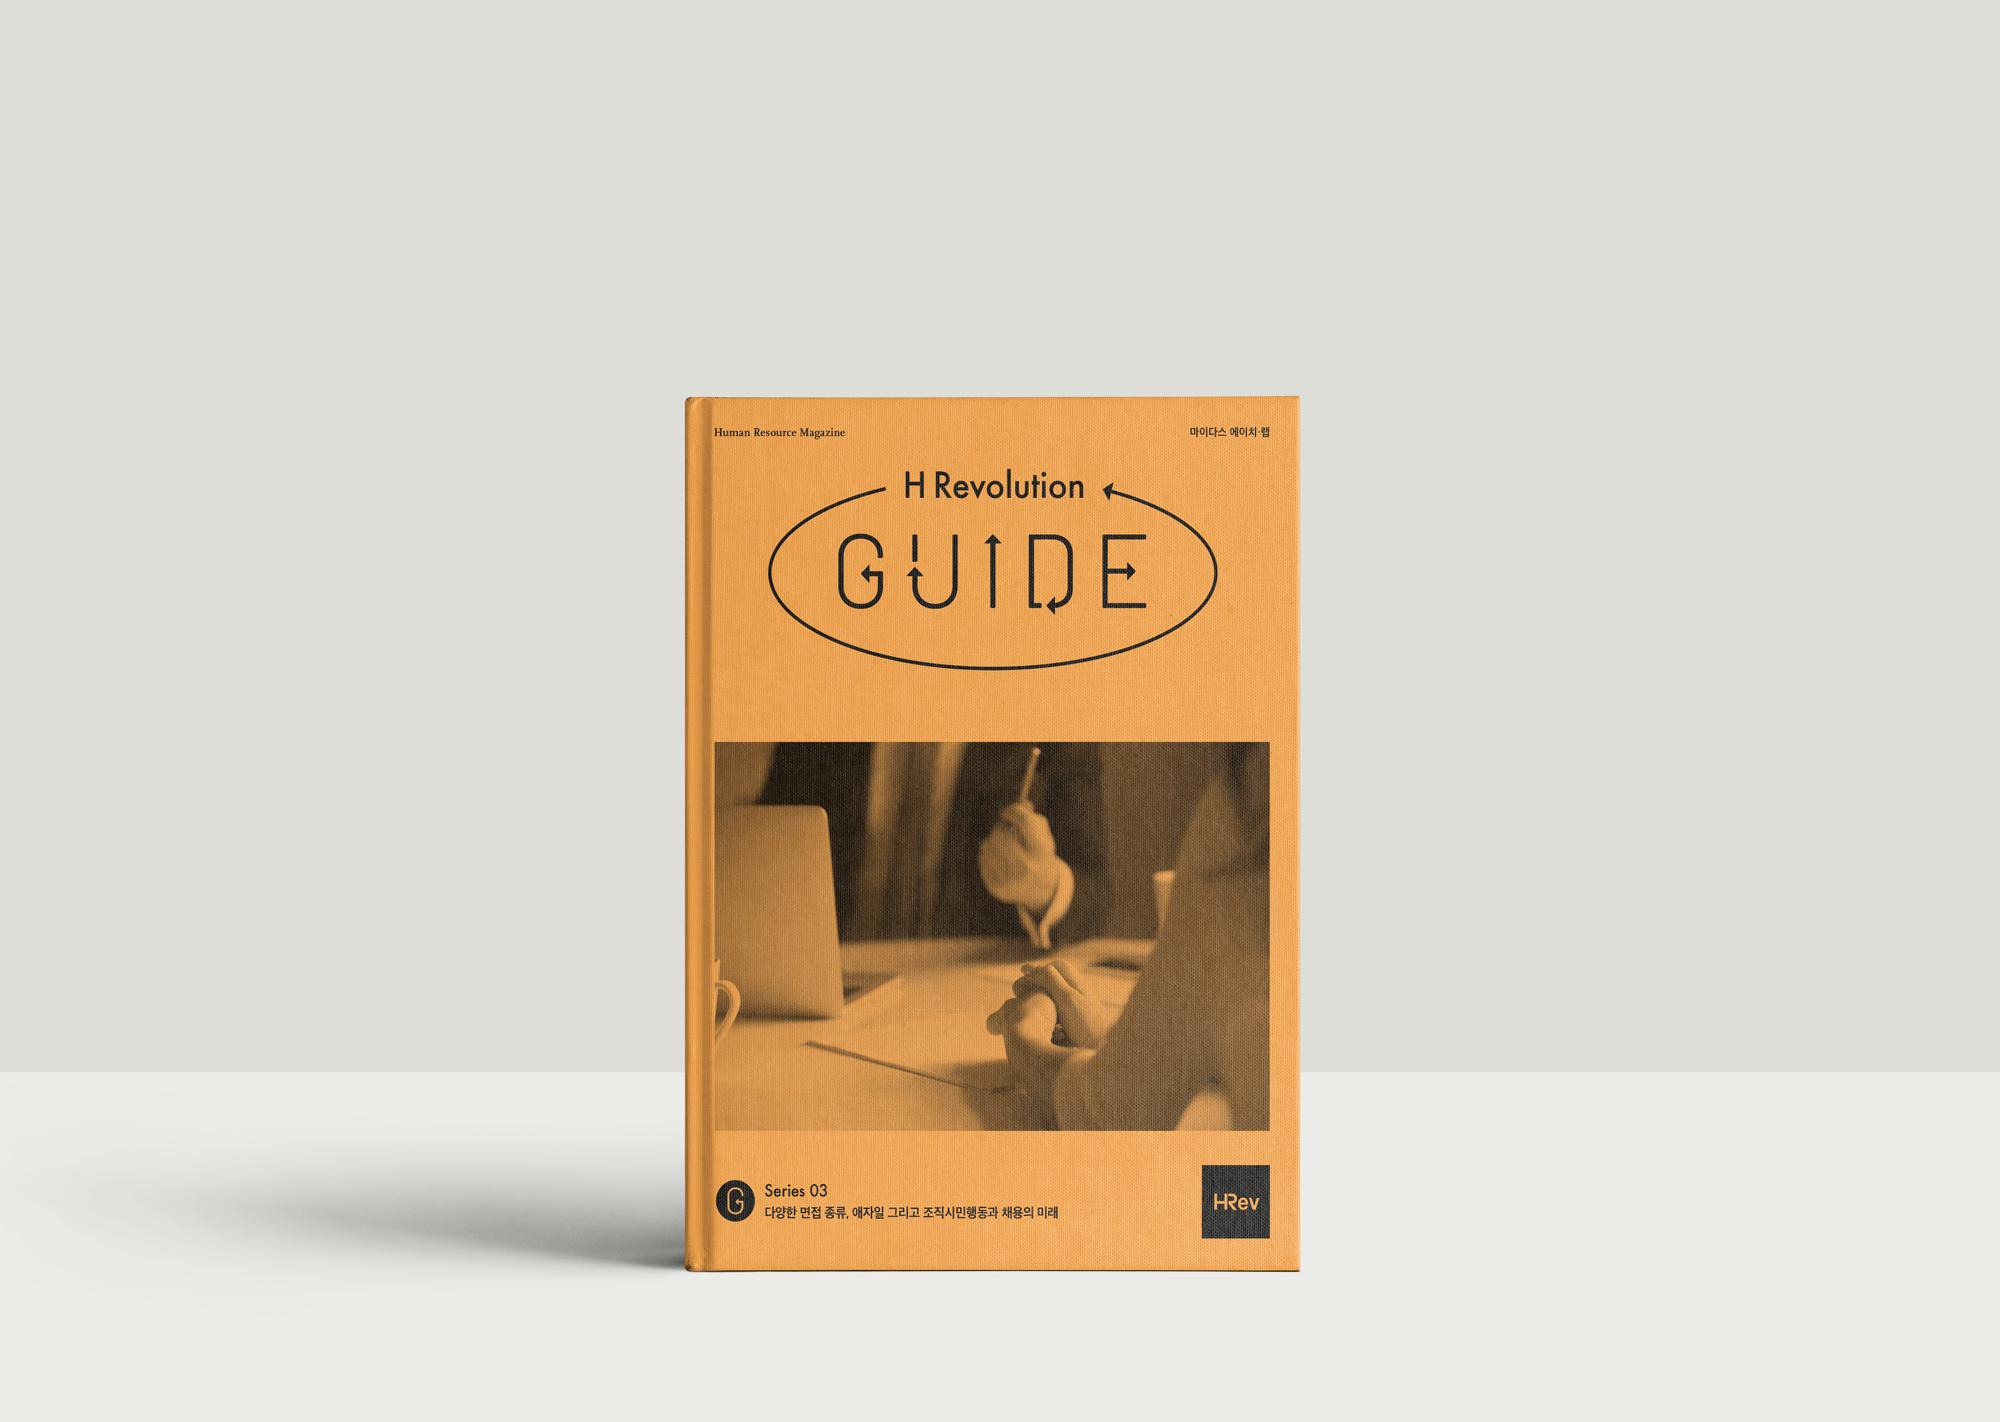 guide serise 03